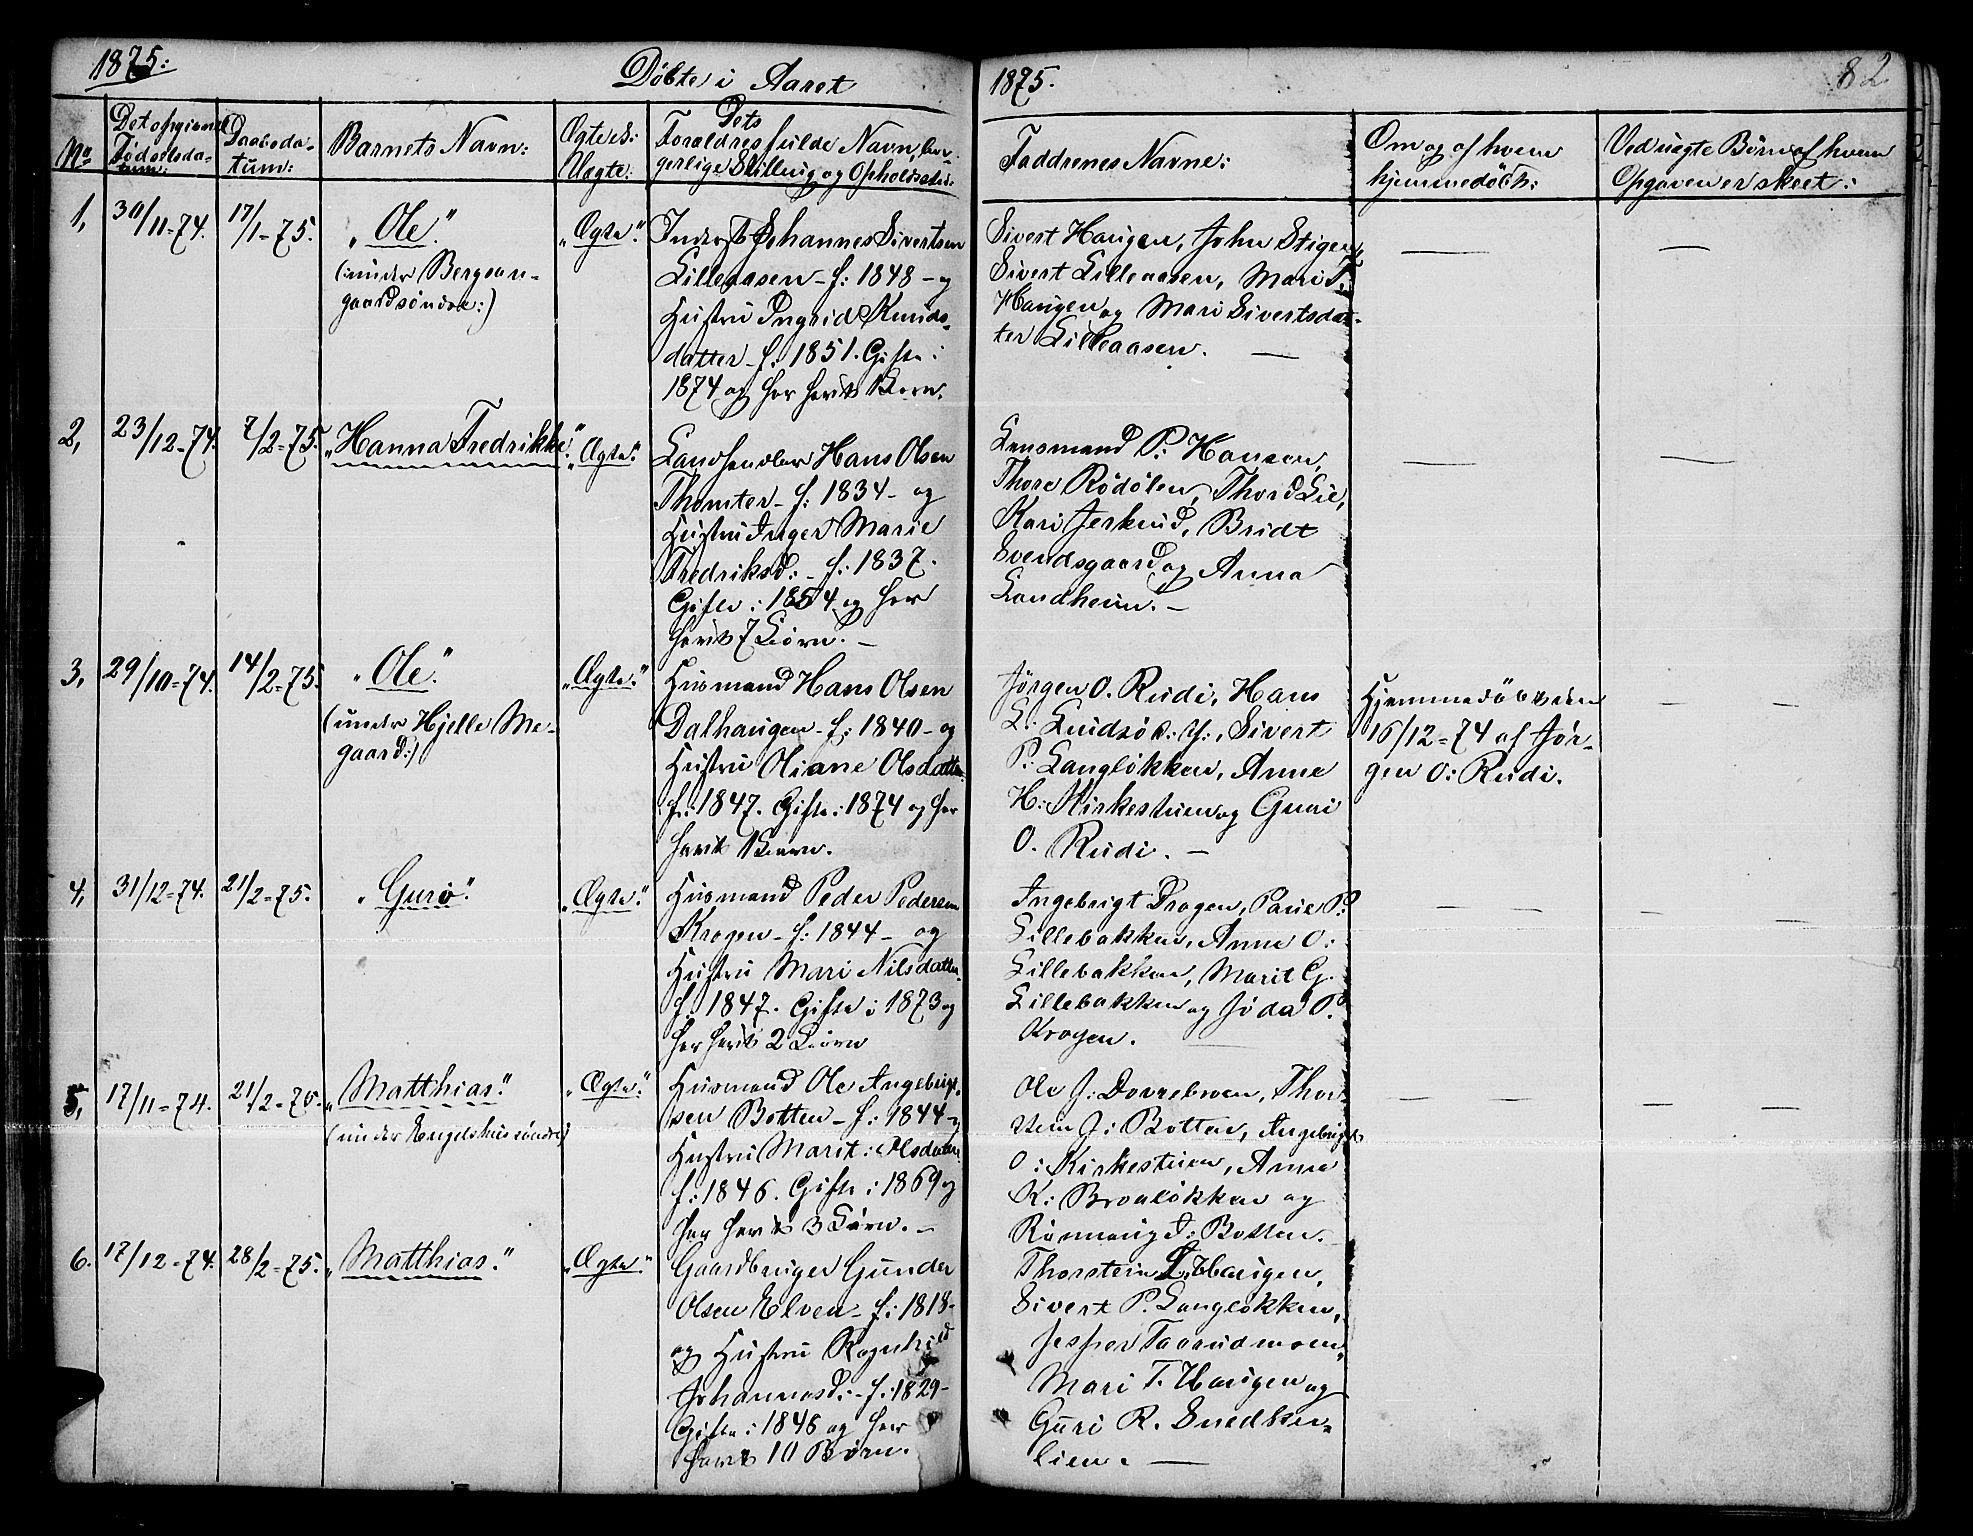 SAH, Dovre prestekontor, Klokkerbok nr. 1, 1862-1880, s. 82